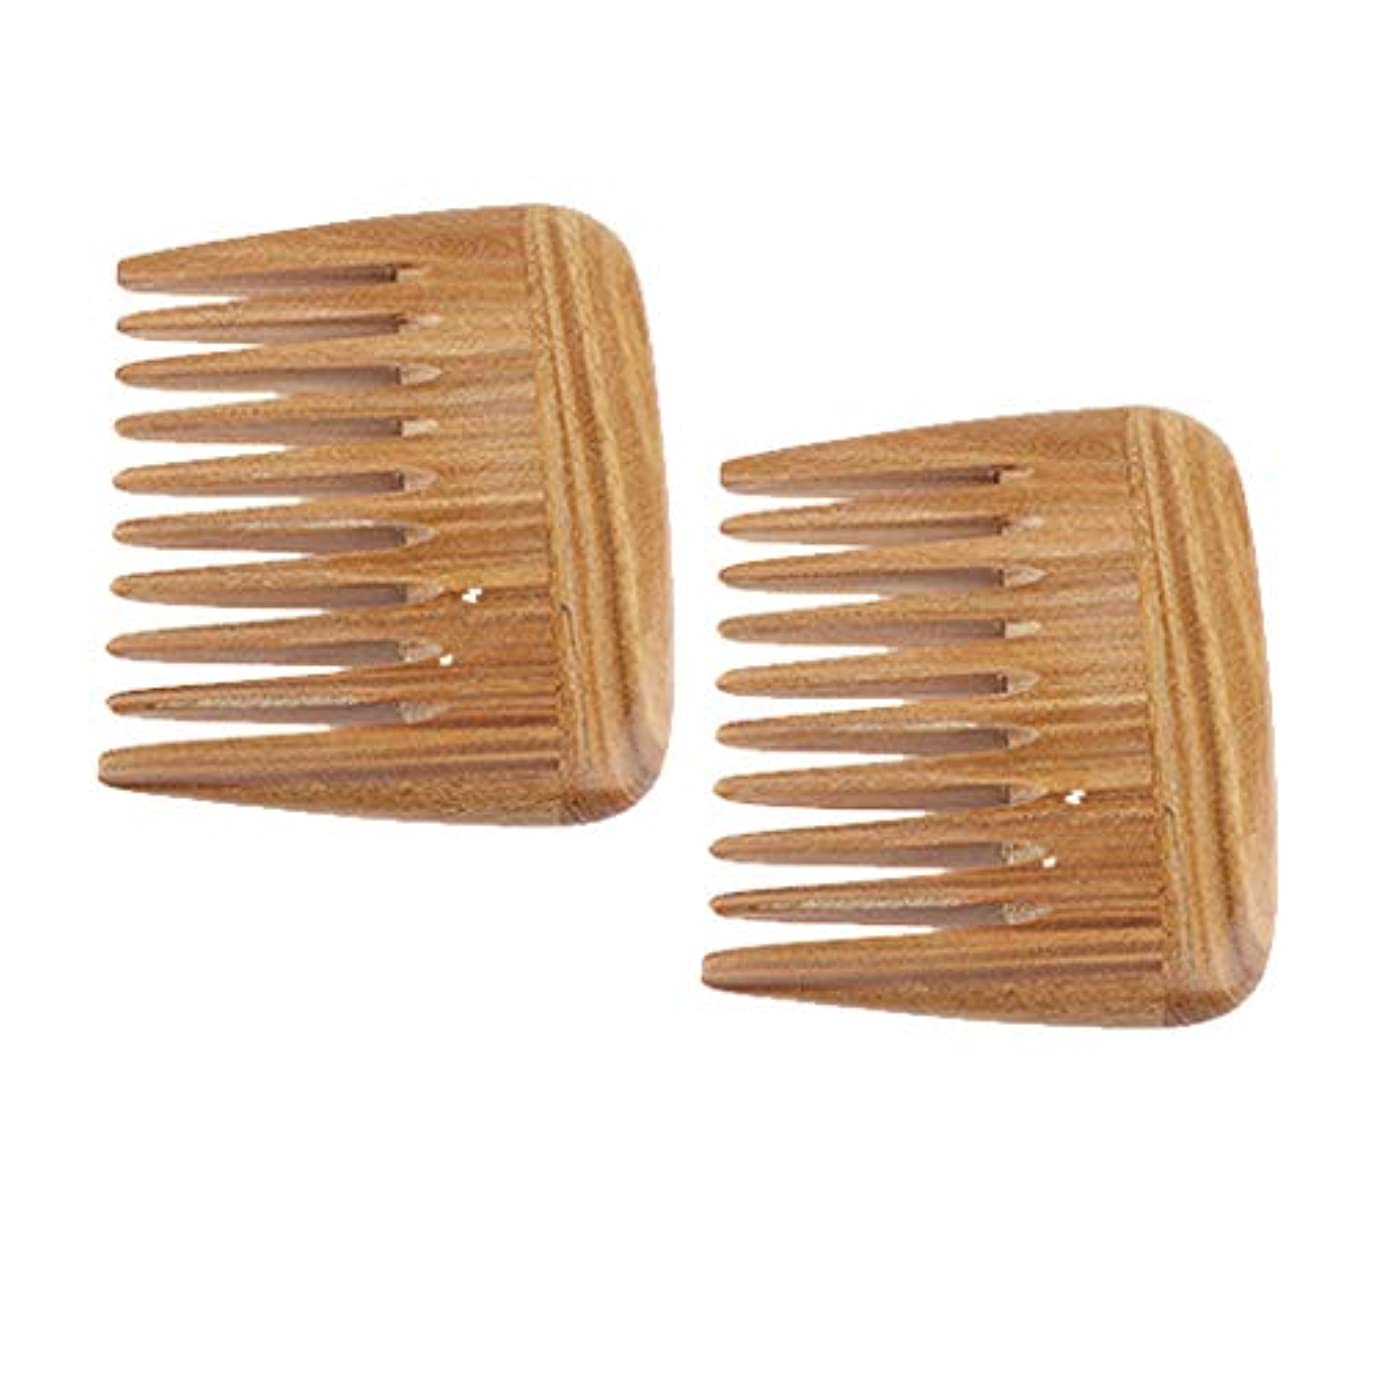 ジム愚かな野心CUTICATE レトロポケットブラシ 静電気 防止天然マッサージ広い歯 髪の櫛 2個入り